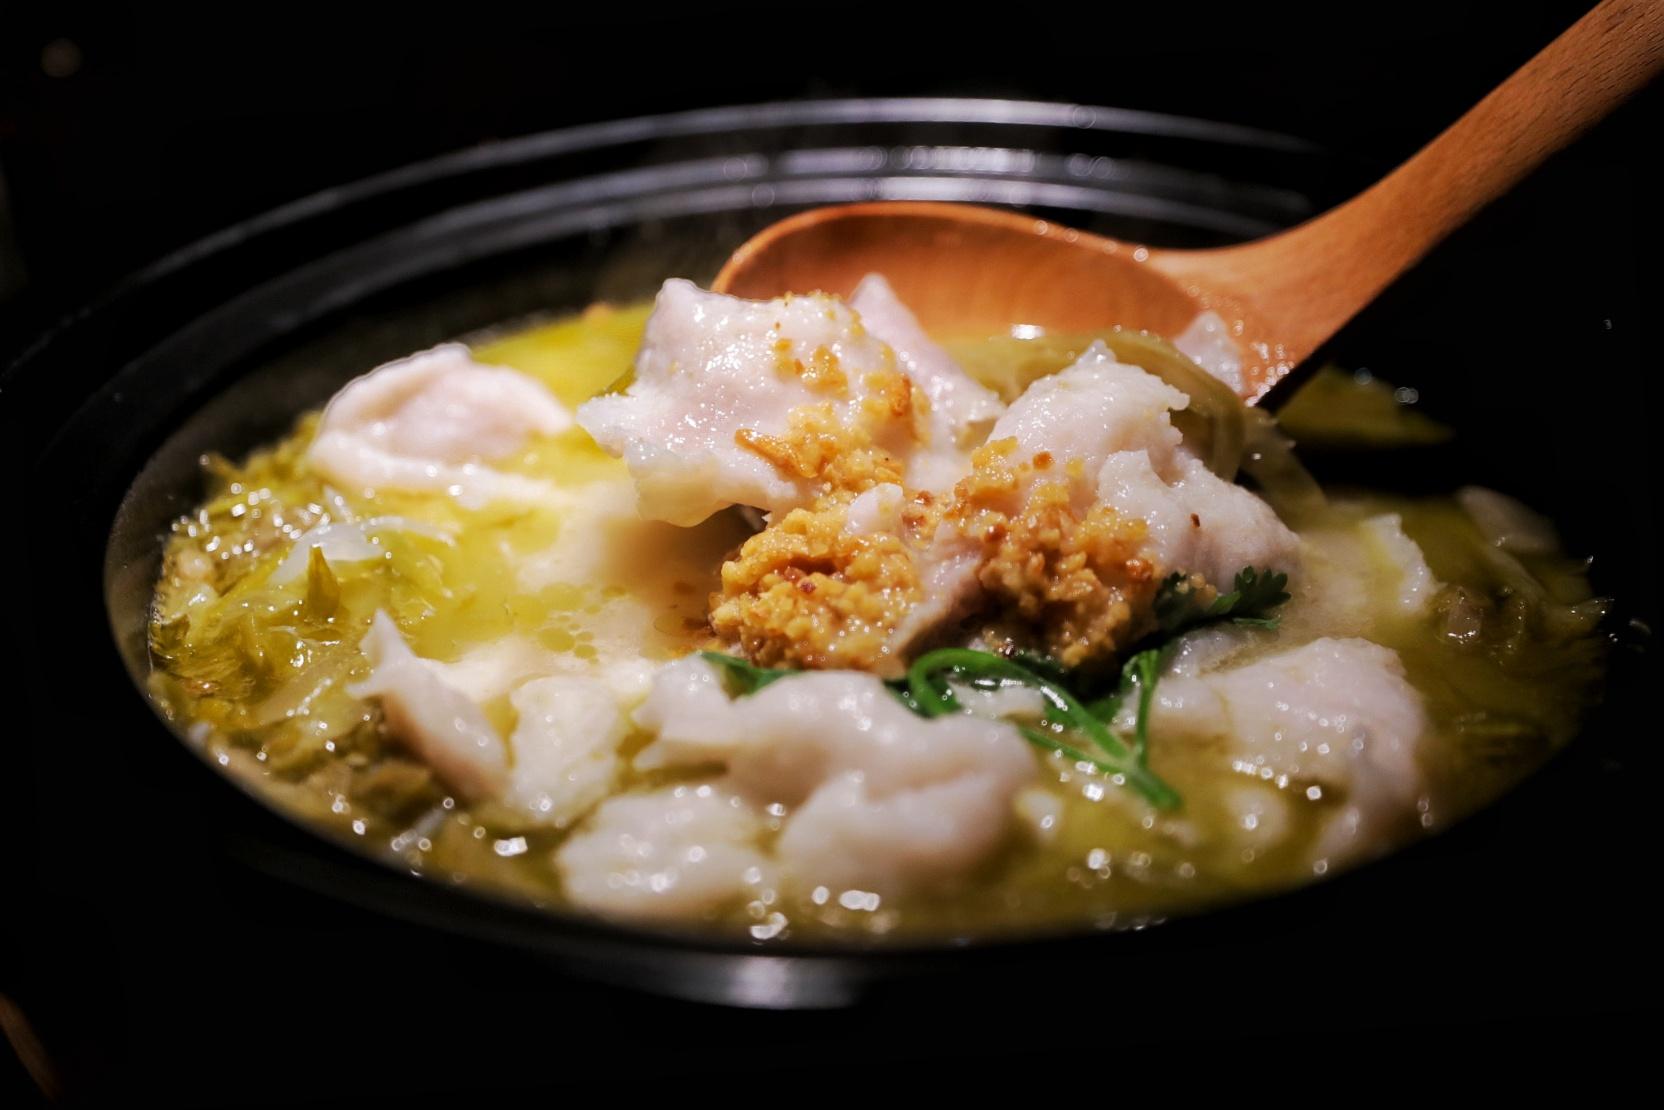 九锅一堂酸菜鱼重磅升级 非遗酸菜会呼吸